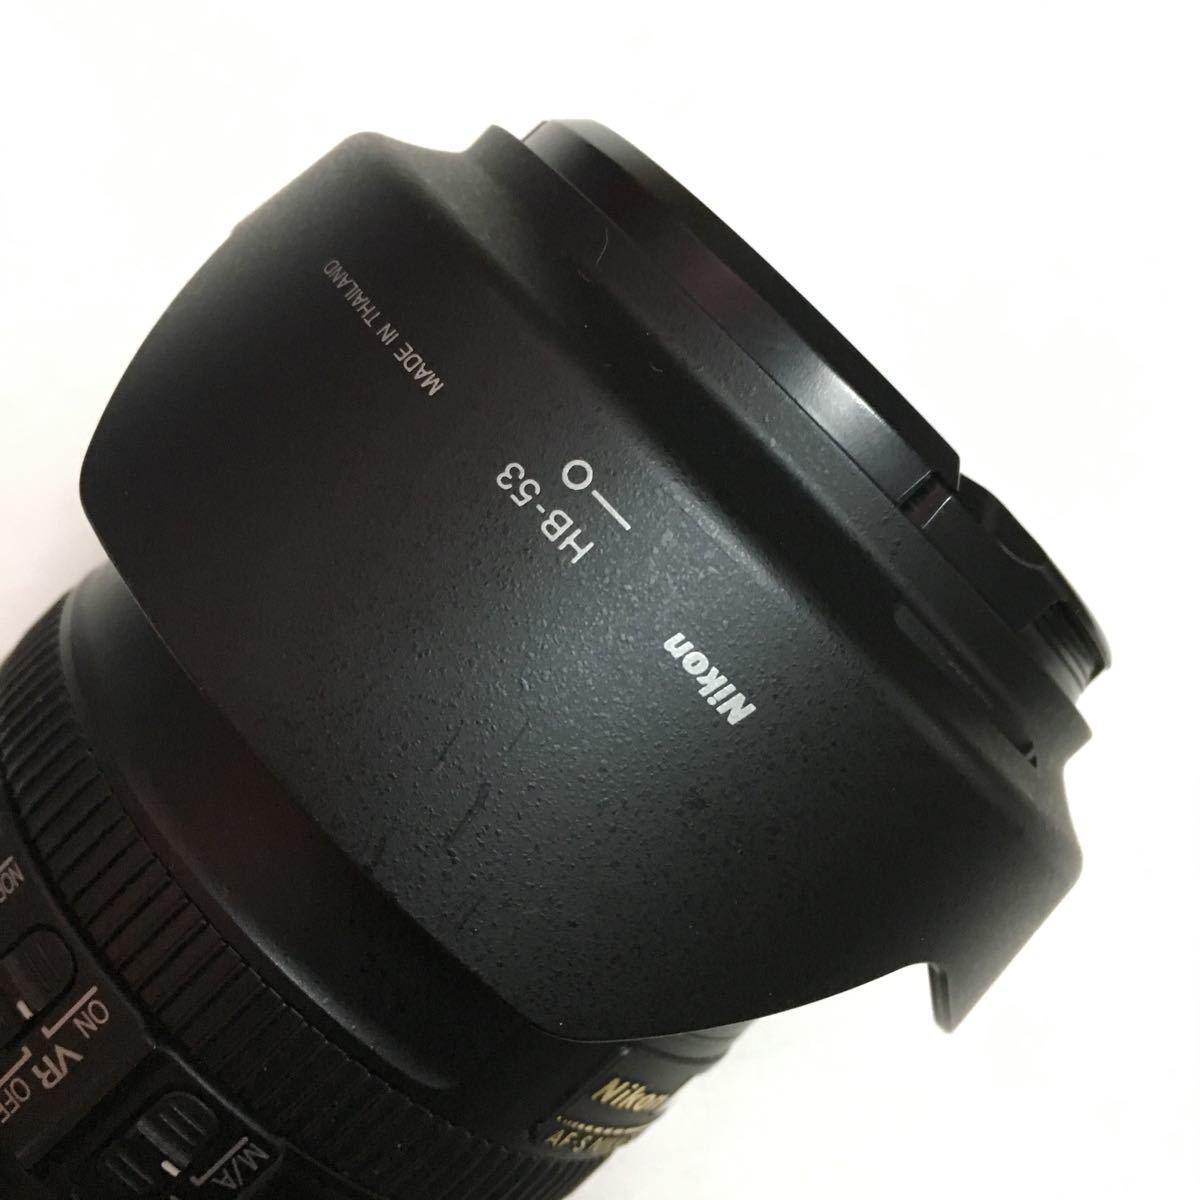 混入あり Nikon 標準ズームレンズ AF-S NIKKOR 24-120mm f/4G ED VR フルサイズ対応_画像9